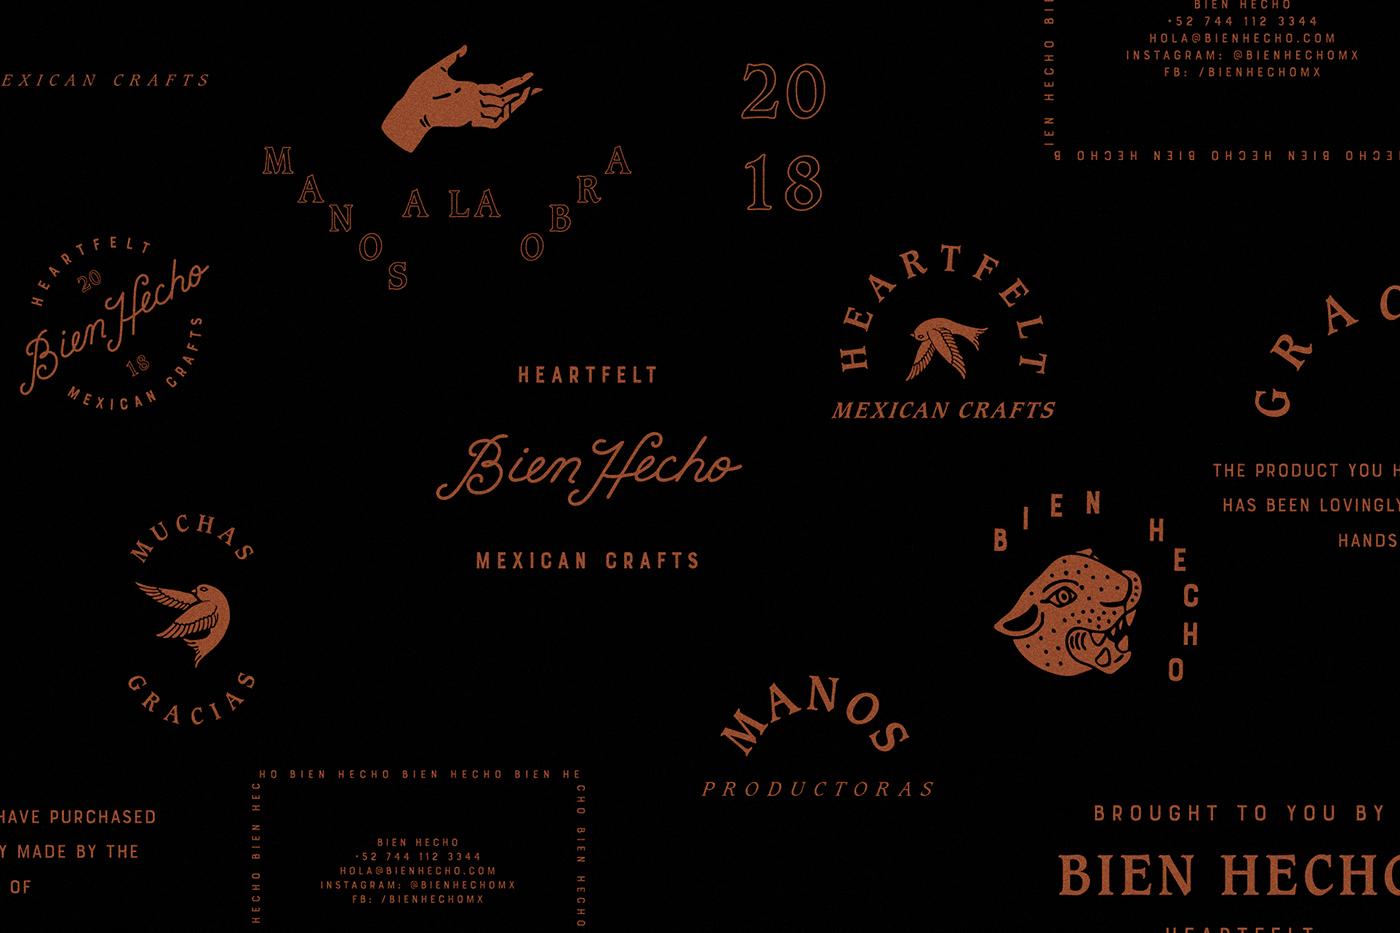 Bien Hecho工艺品品牌形象设计 欣赏-第4张